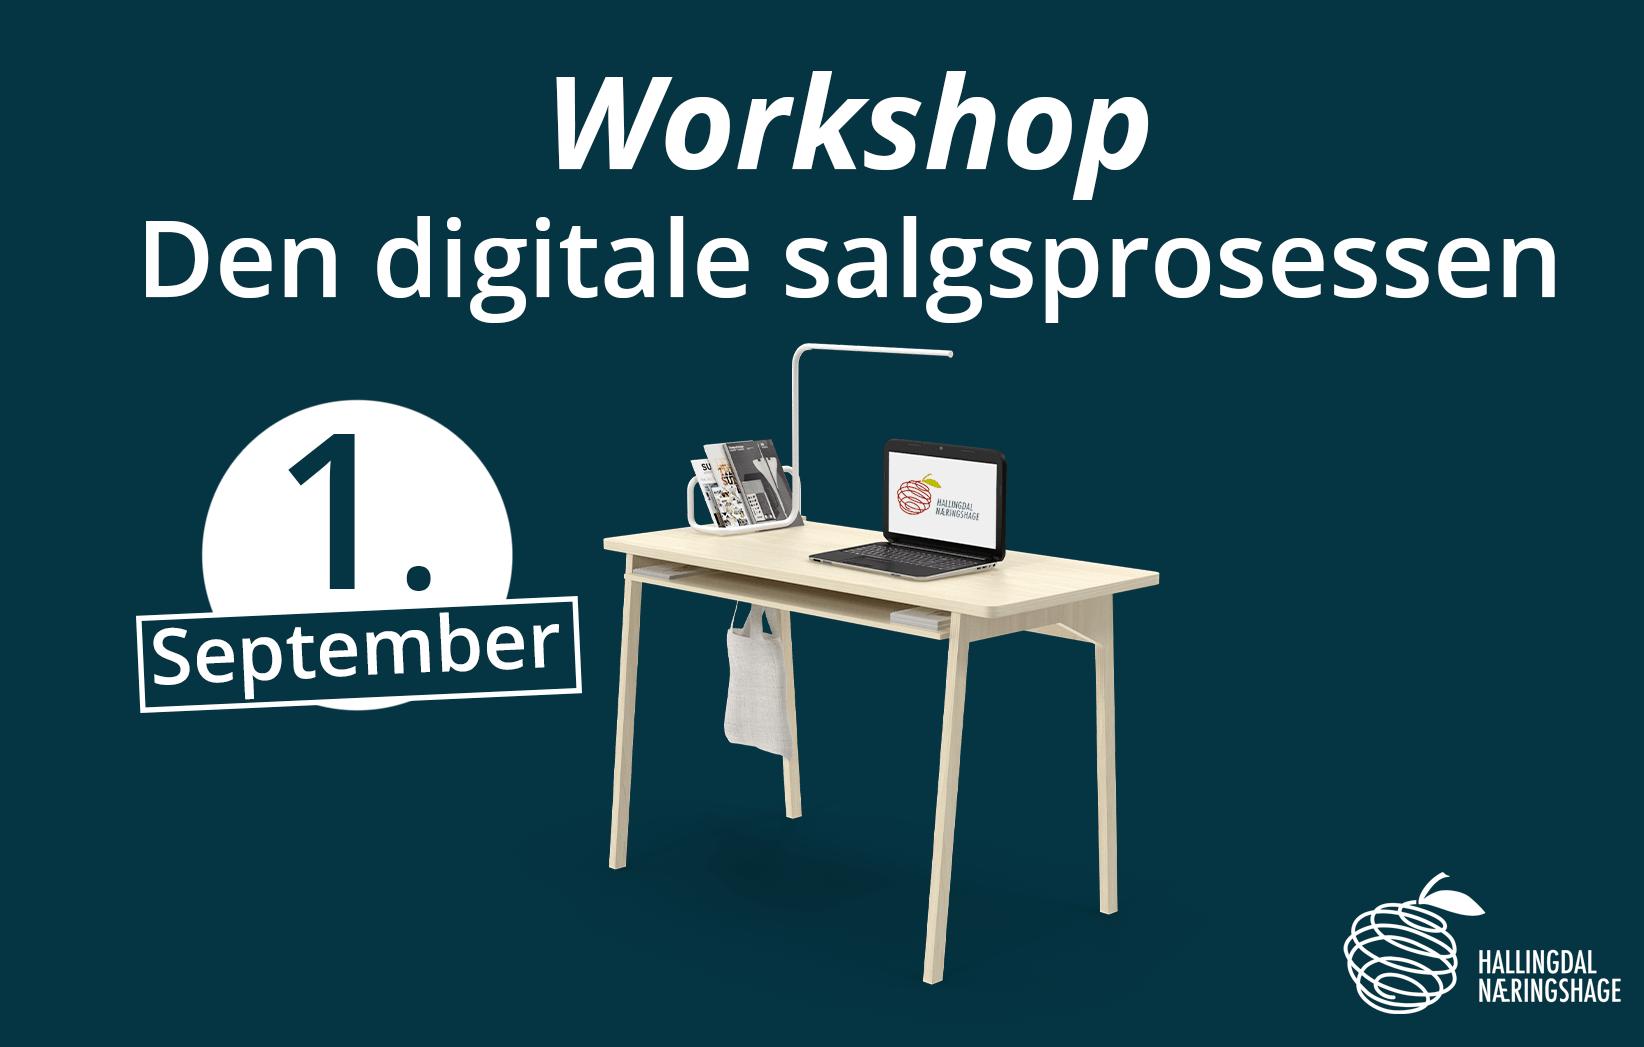 workshop del 1 Digital salgsprosess